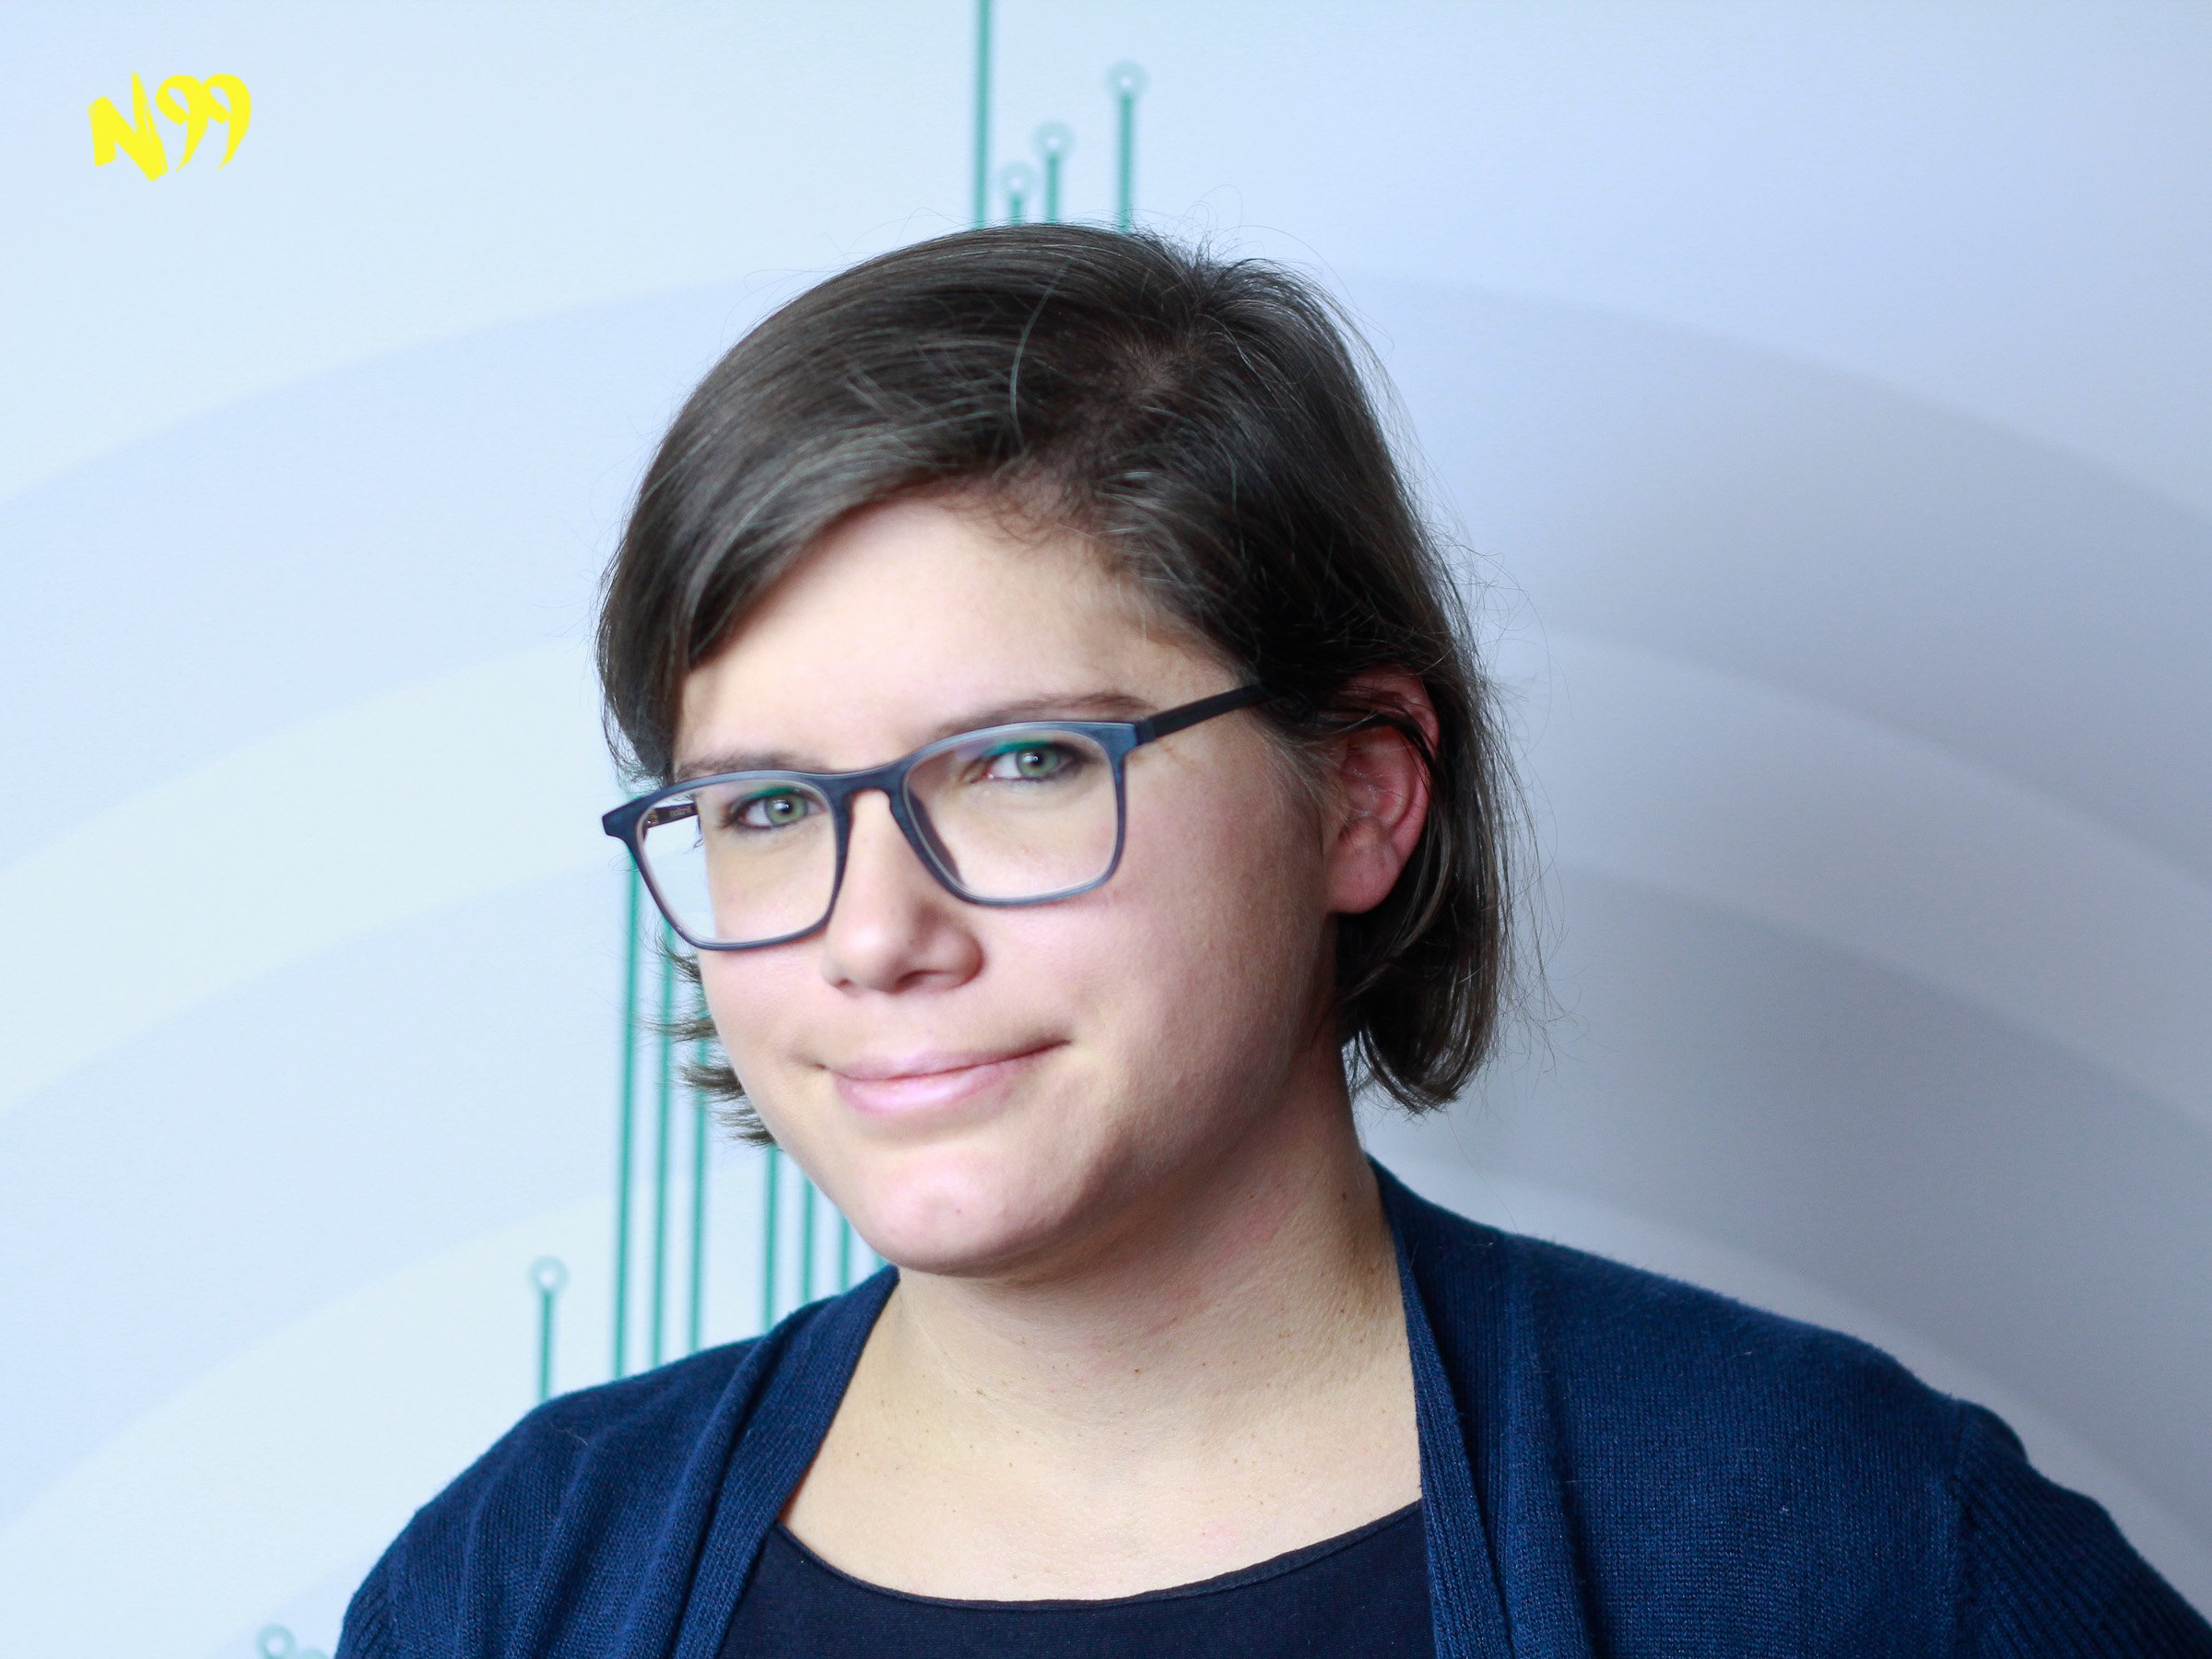 """N99   Ingrid Brodnig über die Macht der Digitalkonzerne – """"Als ob wir in einem Shoppingcenter Politik machen""""   detektor.fm"""